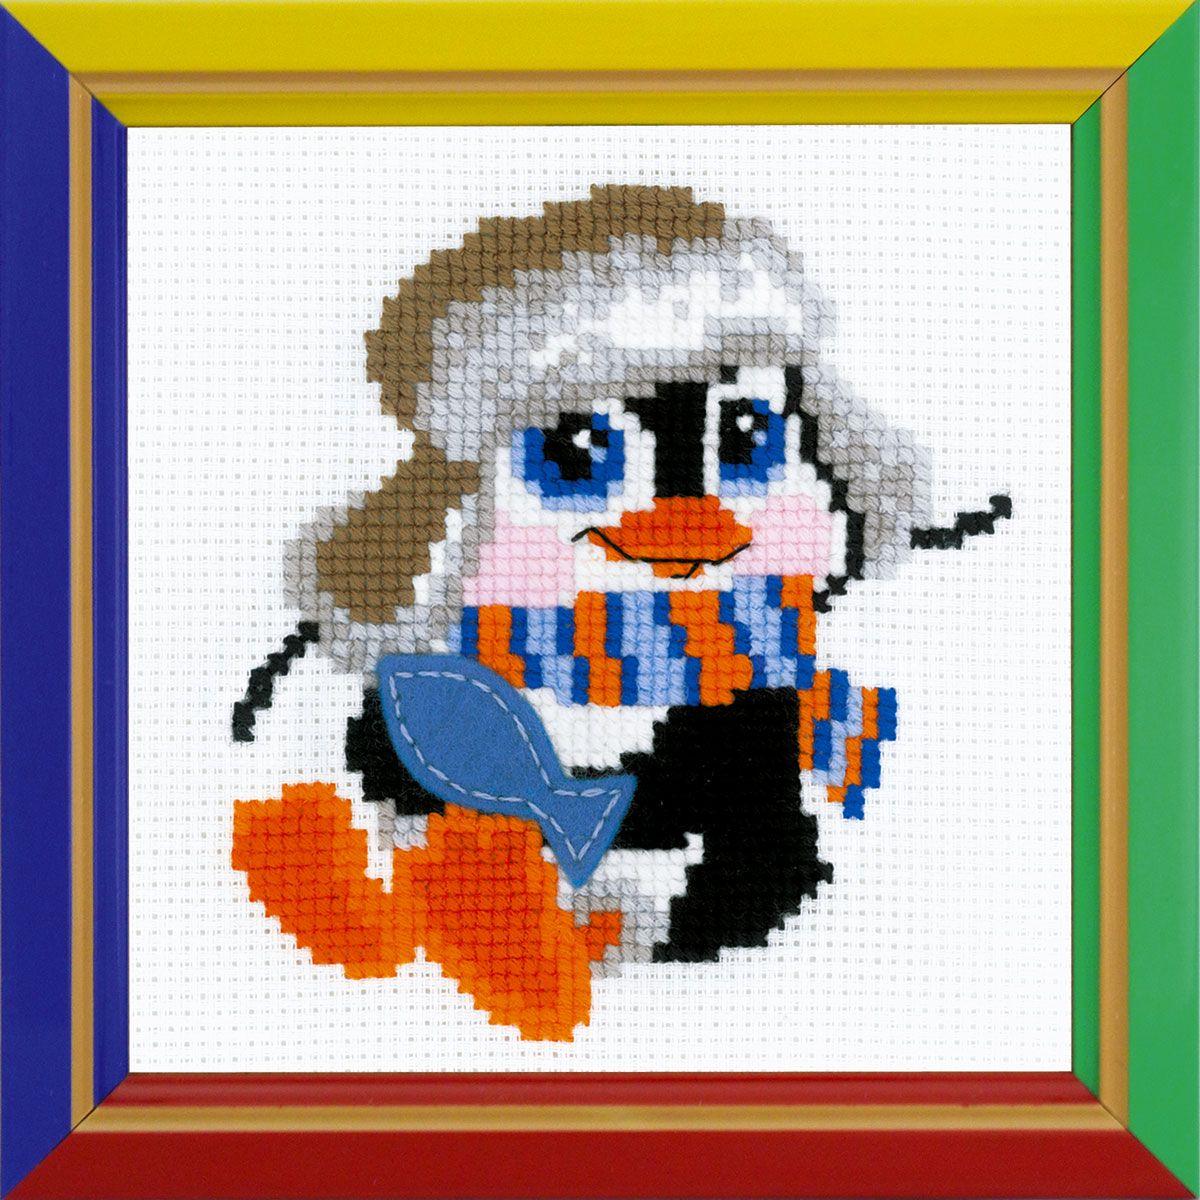 Набор для вышивания крестом Riolis Пингвиненок, 15 x 15 см 158НВ158Набор для вышивания Riolis Пингвиненок поможет вам создать свой личный шедевр - красивую картину, вышитую нитками мулине в технике счетный крест. Набор подойдет как детям, так и только начинающим рукодельницам. Работа, выполненная своими руками, станет отличным подарком для друзей и близких! Набор содержит: - белая канва Zweigart Aida 10; - шерстяные и акриловые нитки Safil (10 цветов); - фетр (1 цвет); - игла; - цветная схема.